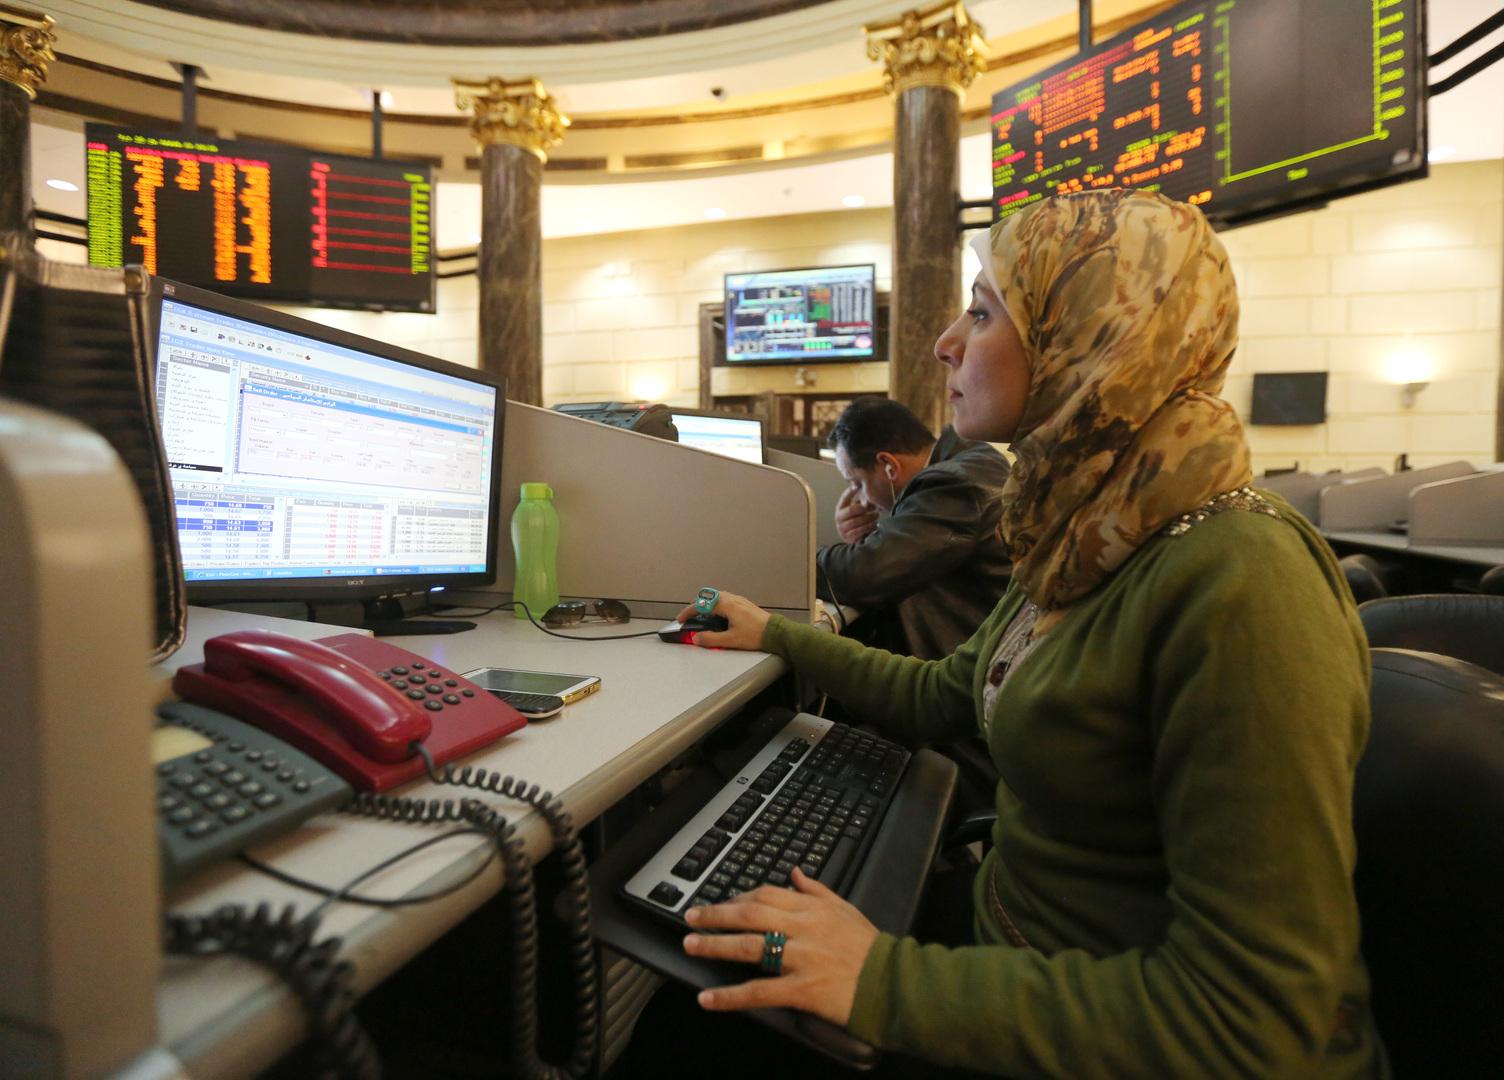 البورصة المصرية تخسر 265 مليون دولار في يوم واحد